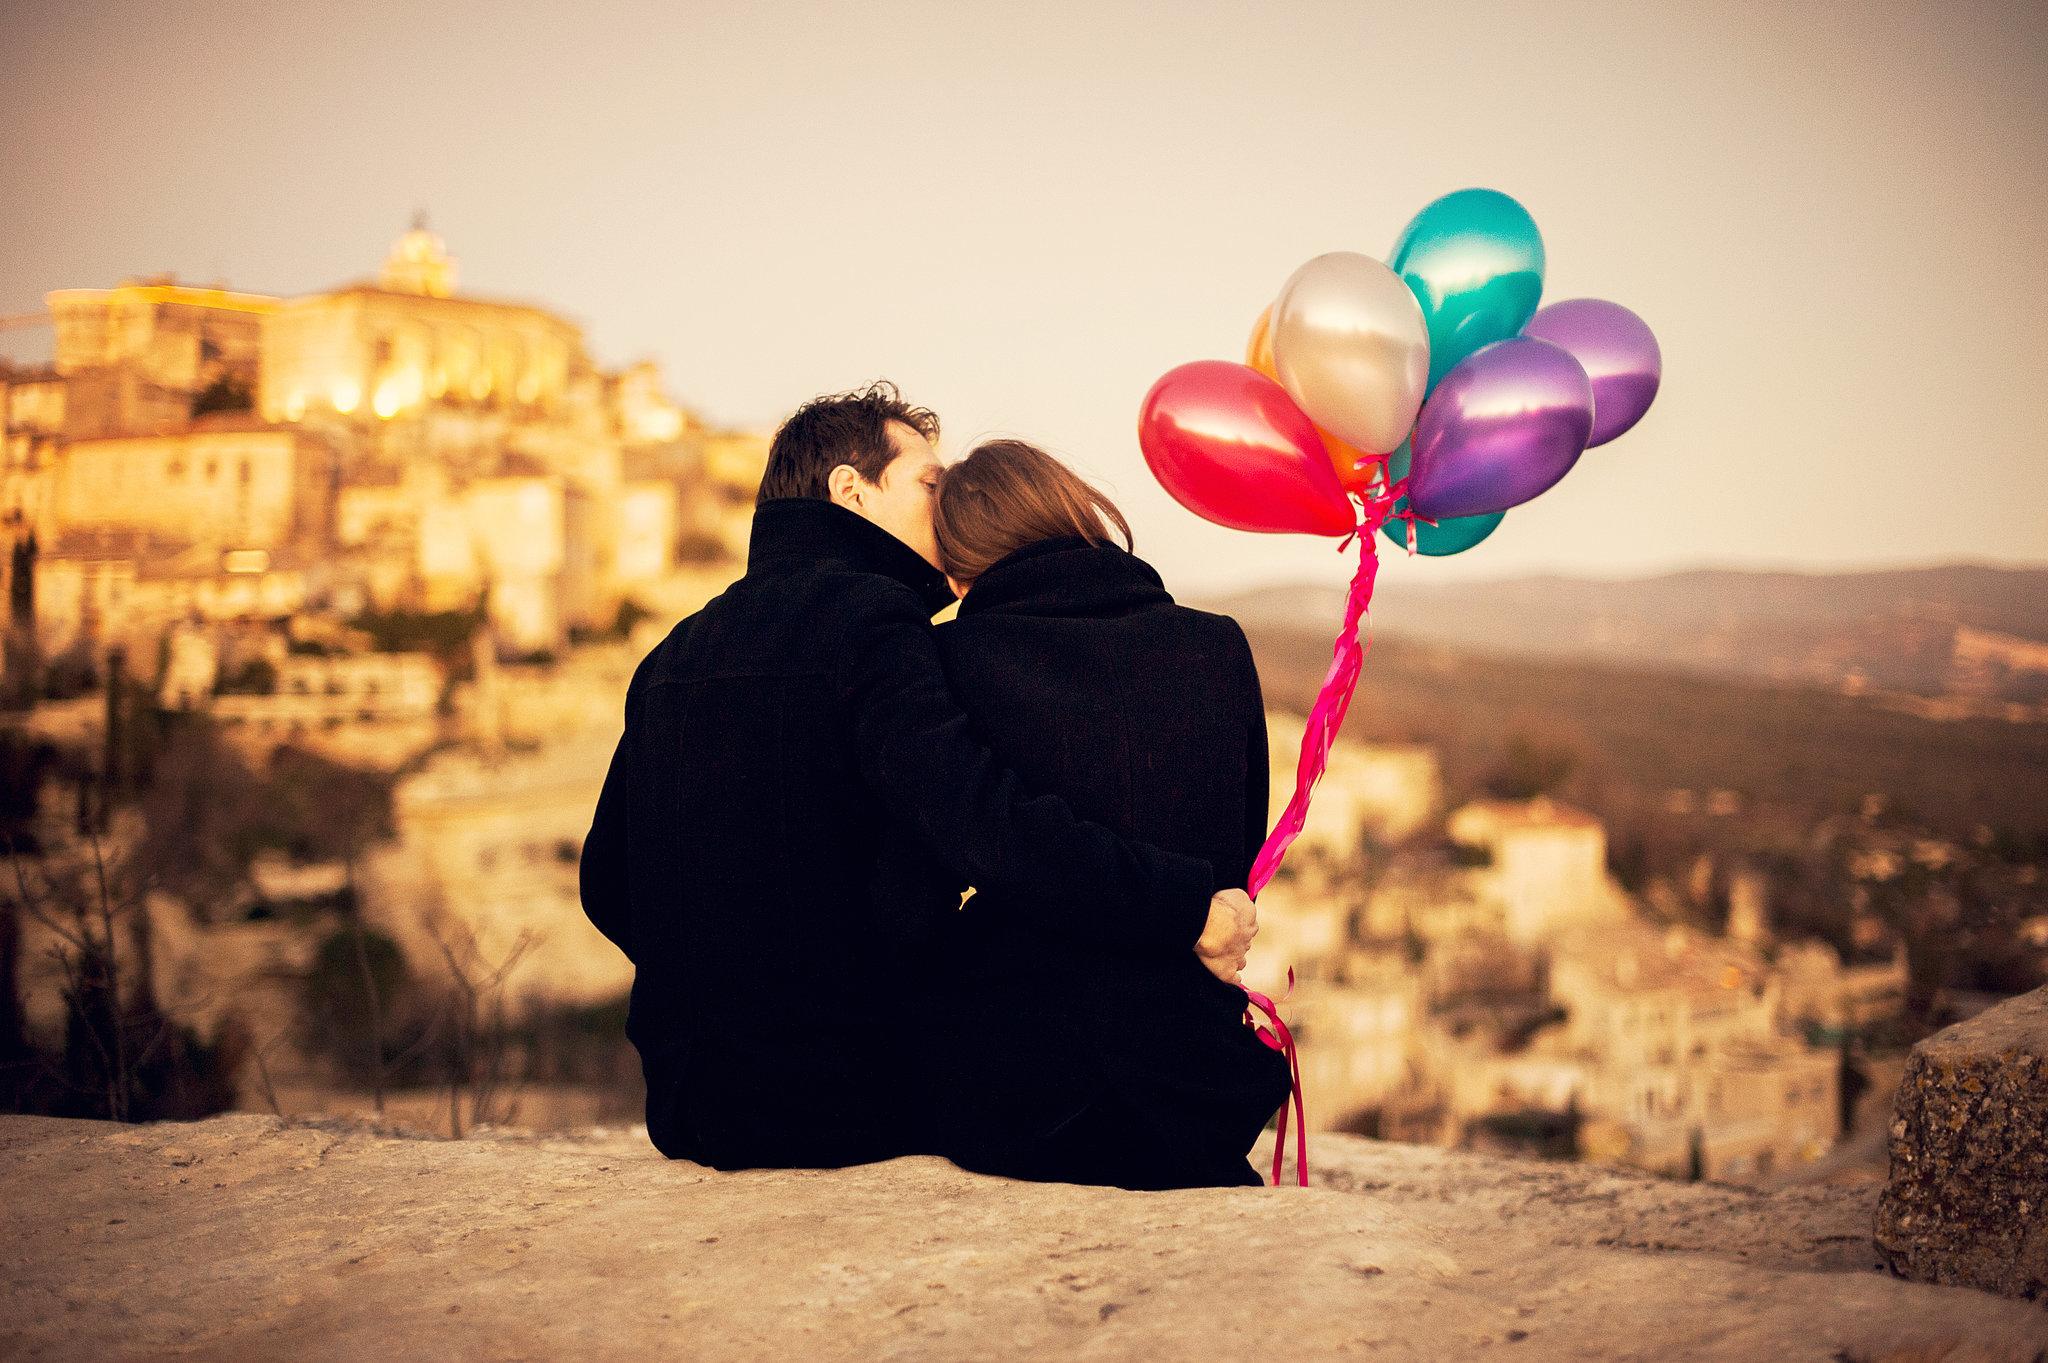 romance-date-nights-3